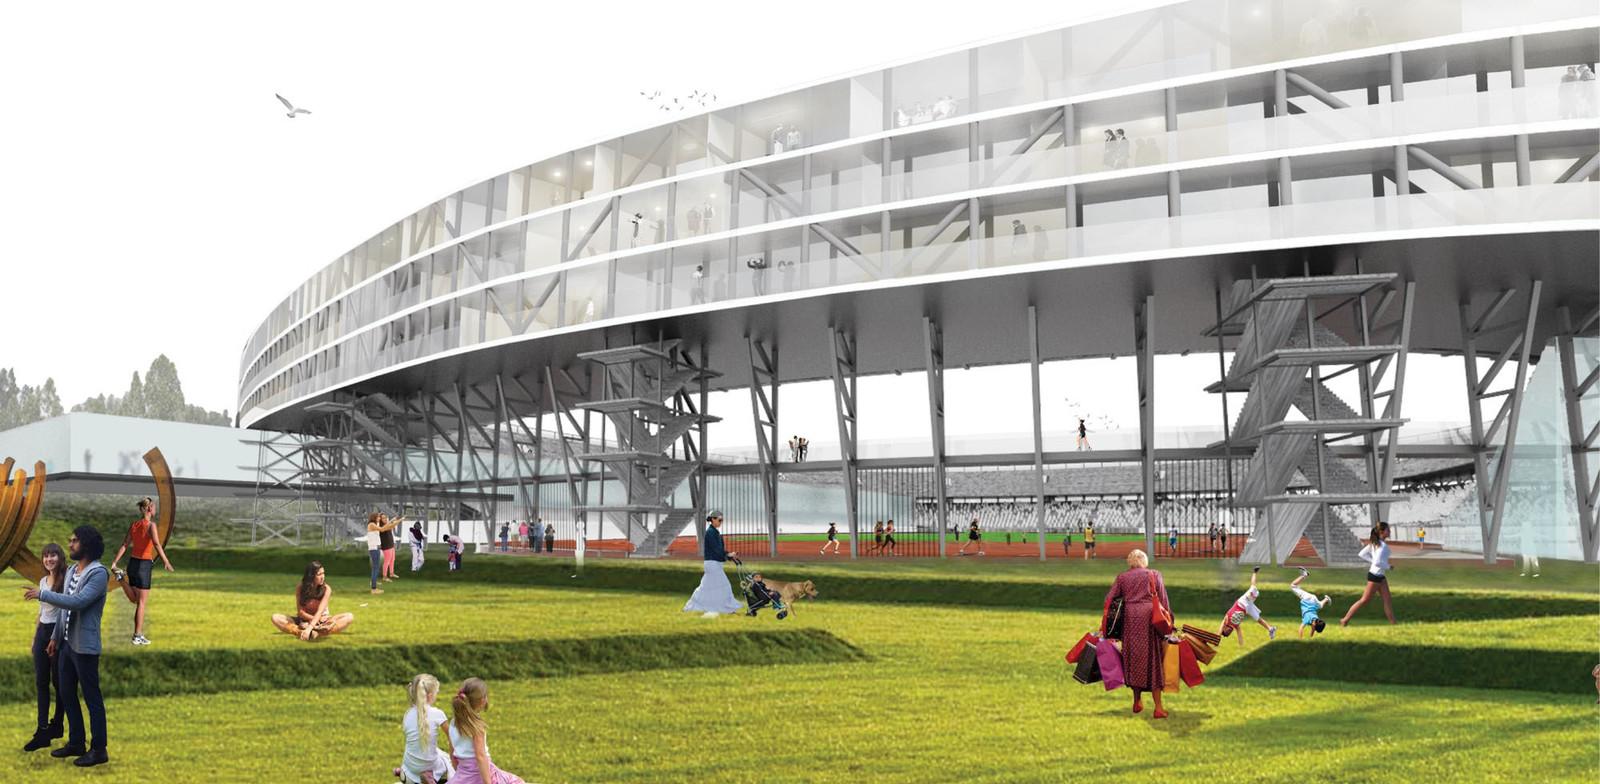 De huidige Kuip wordt in de plannen van Feyenoord City ingrijpend verbouwd.